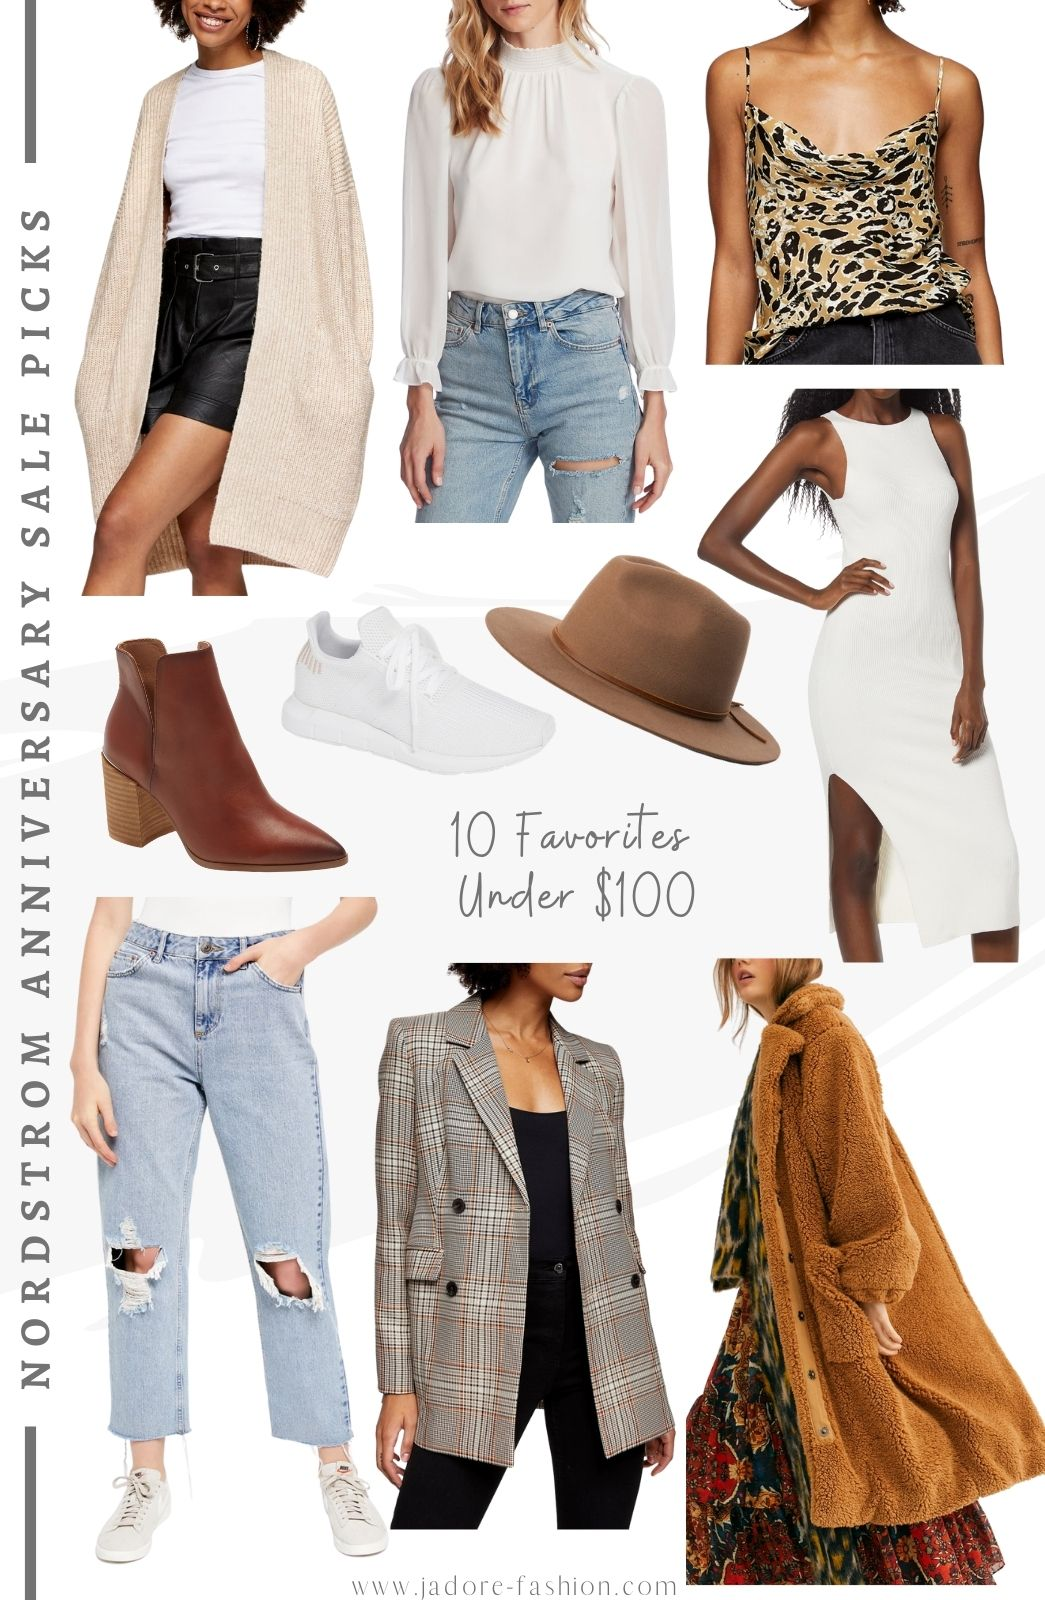 stella-adewunmi-of-jadore-fashion-blog-shares-nsale-nordstrom-anniversary-sale-under-100